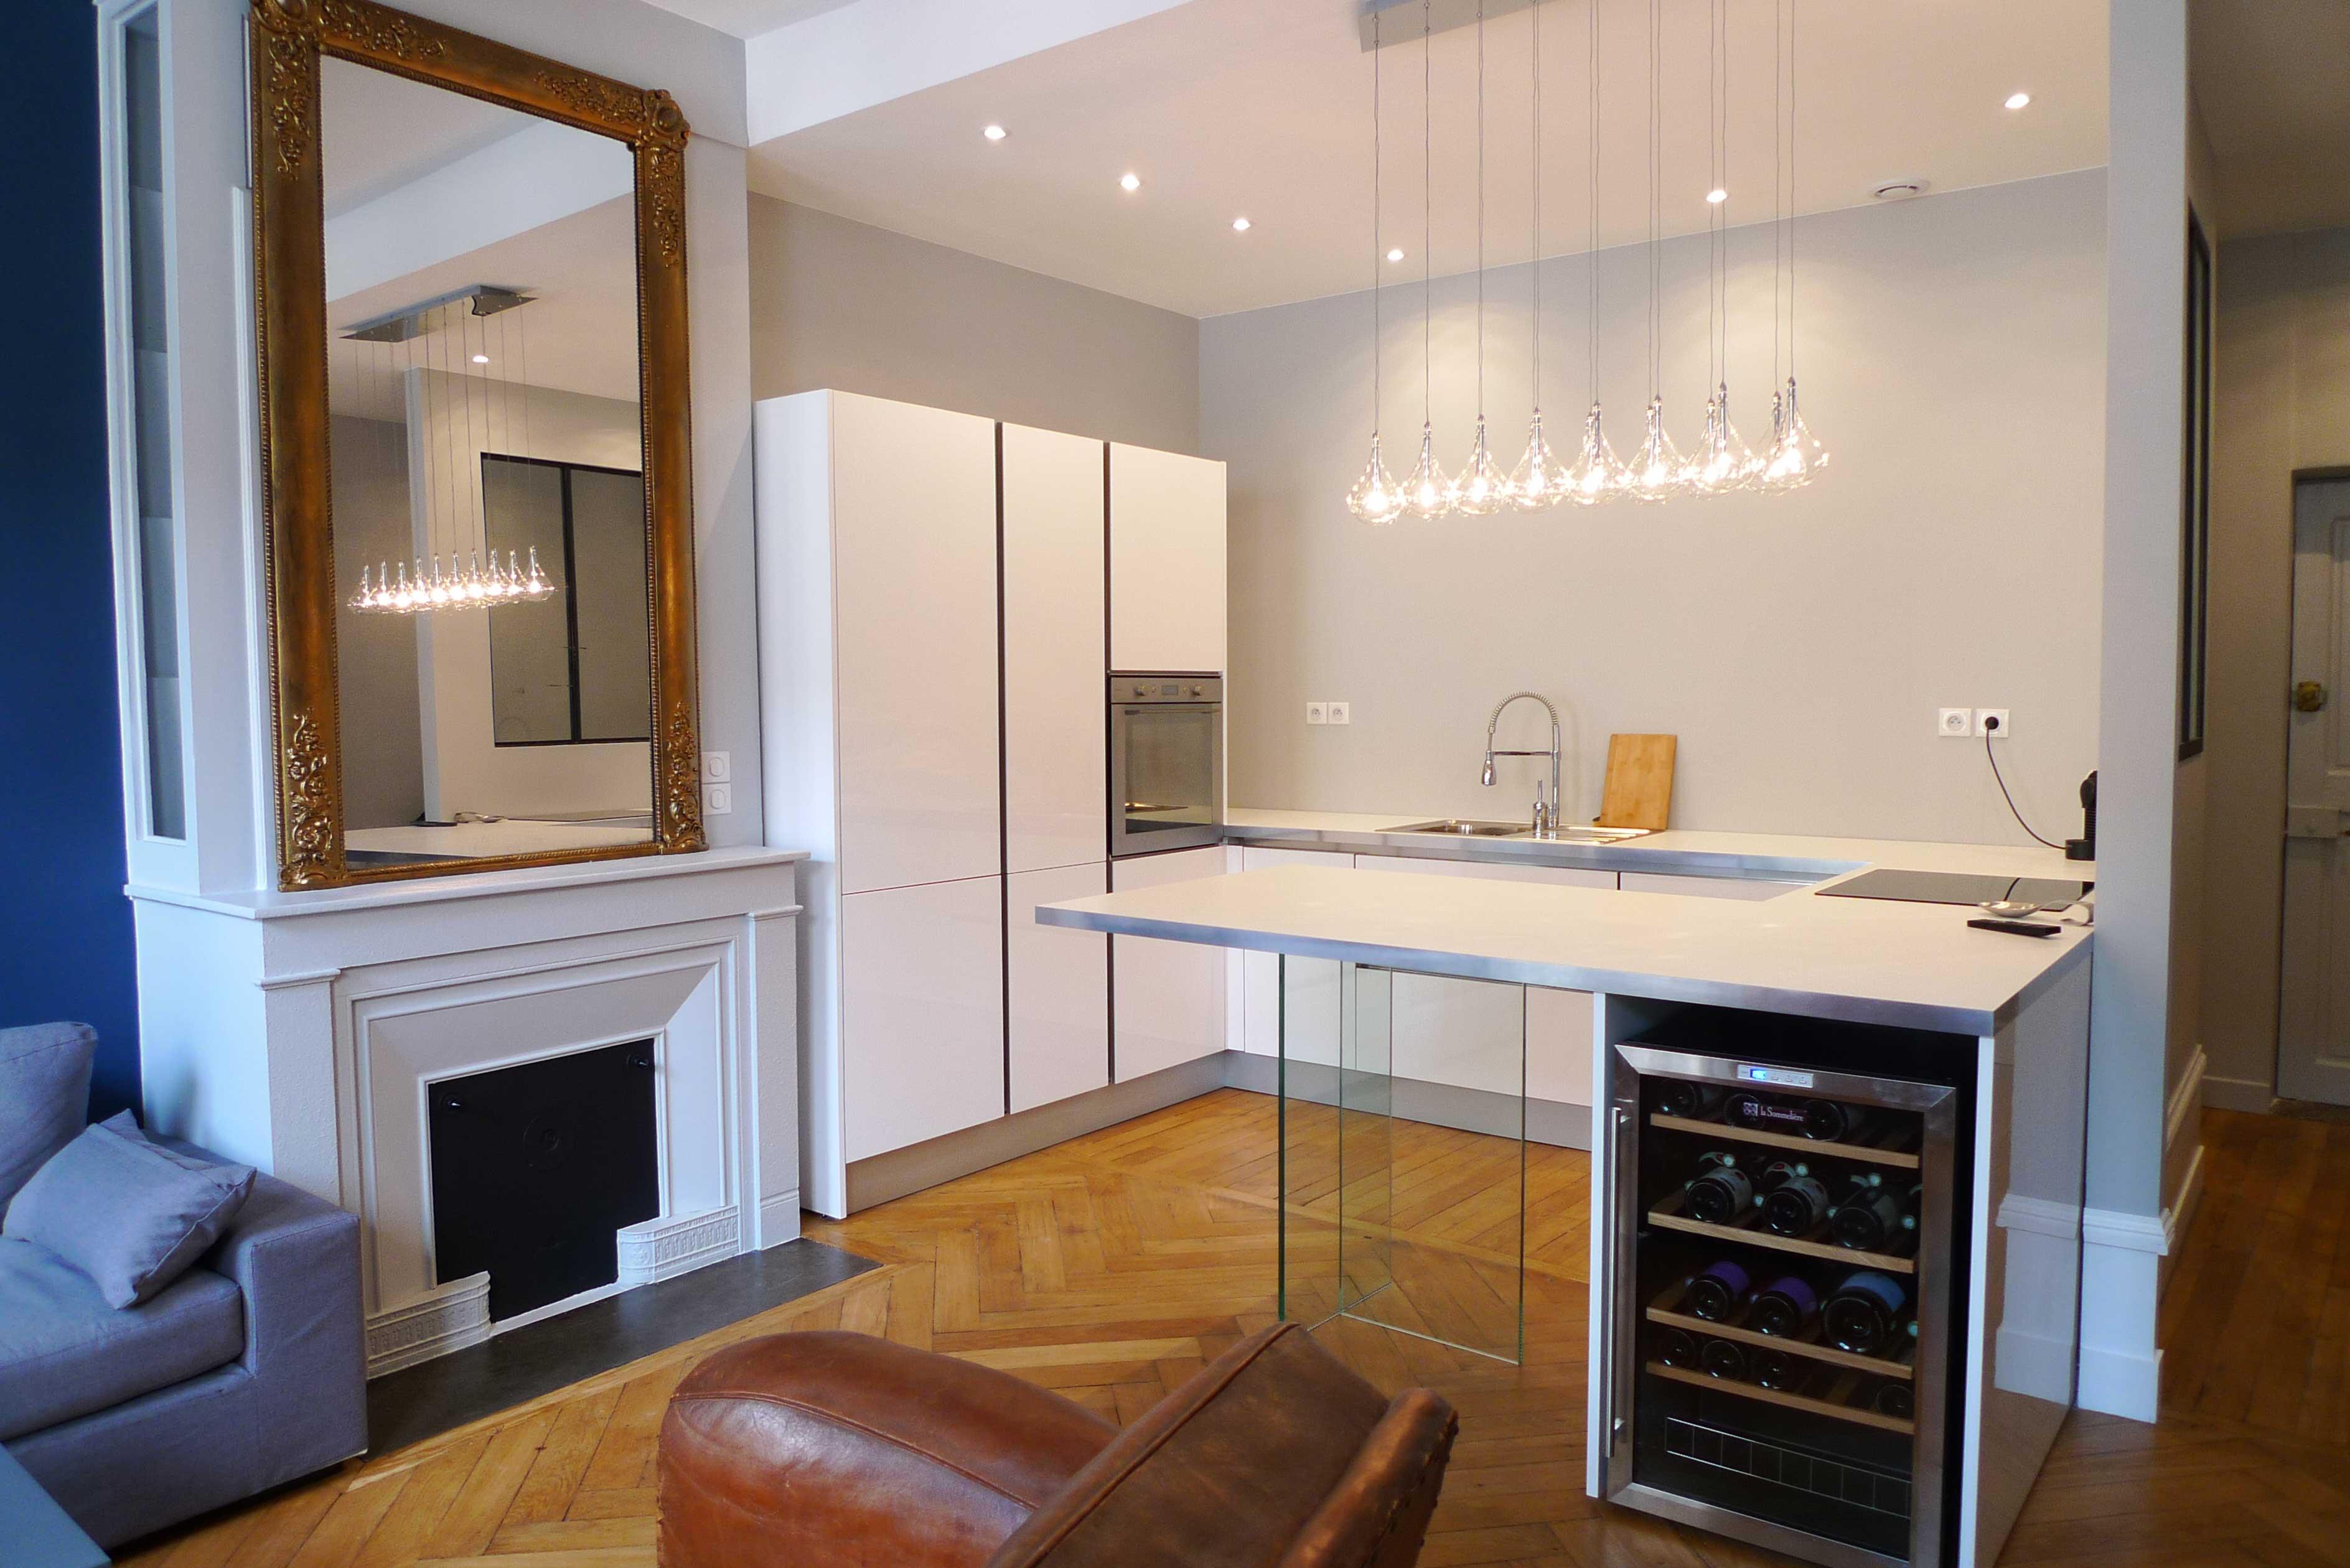 rbconcept-studio-bellecour-cuisine-ouverte